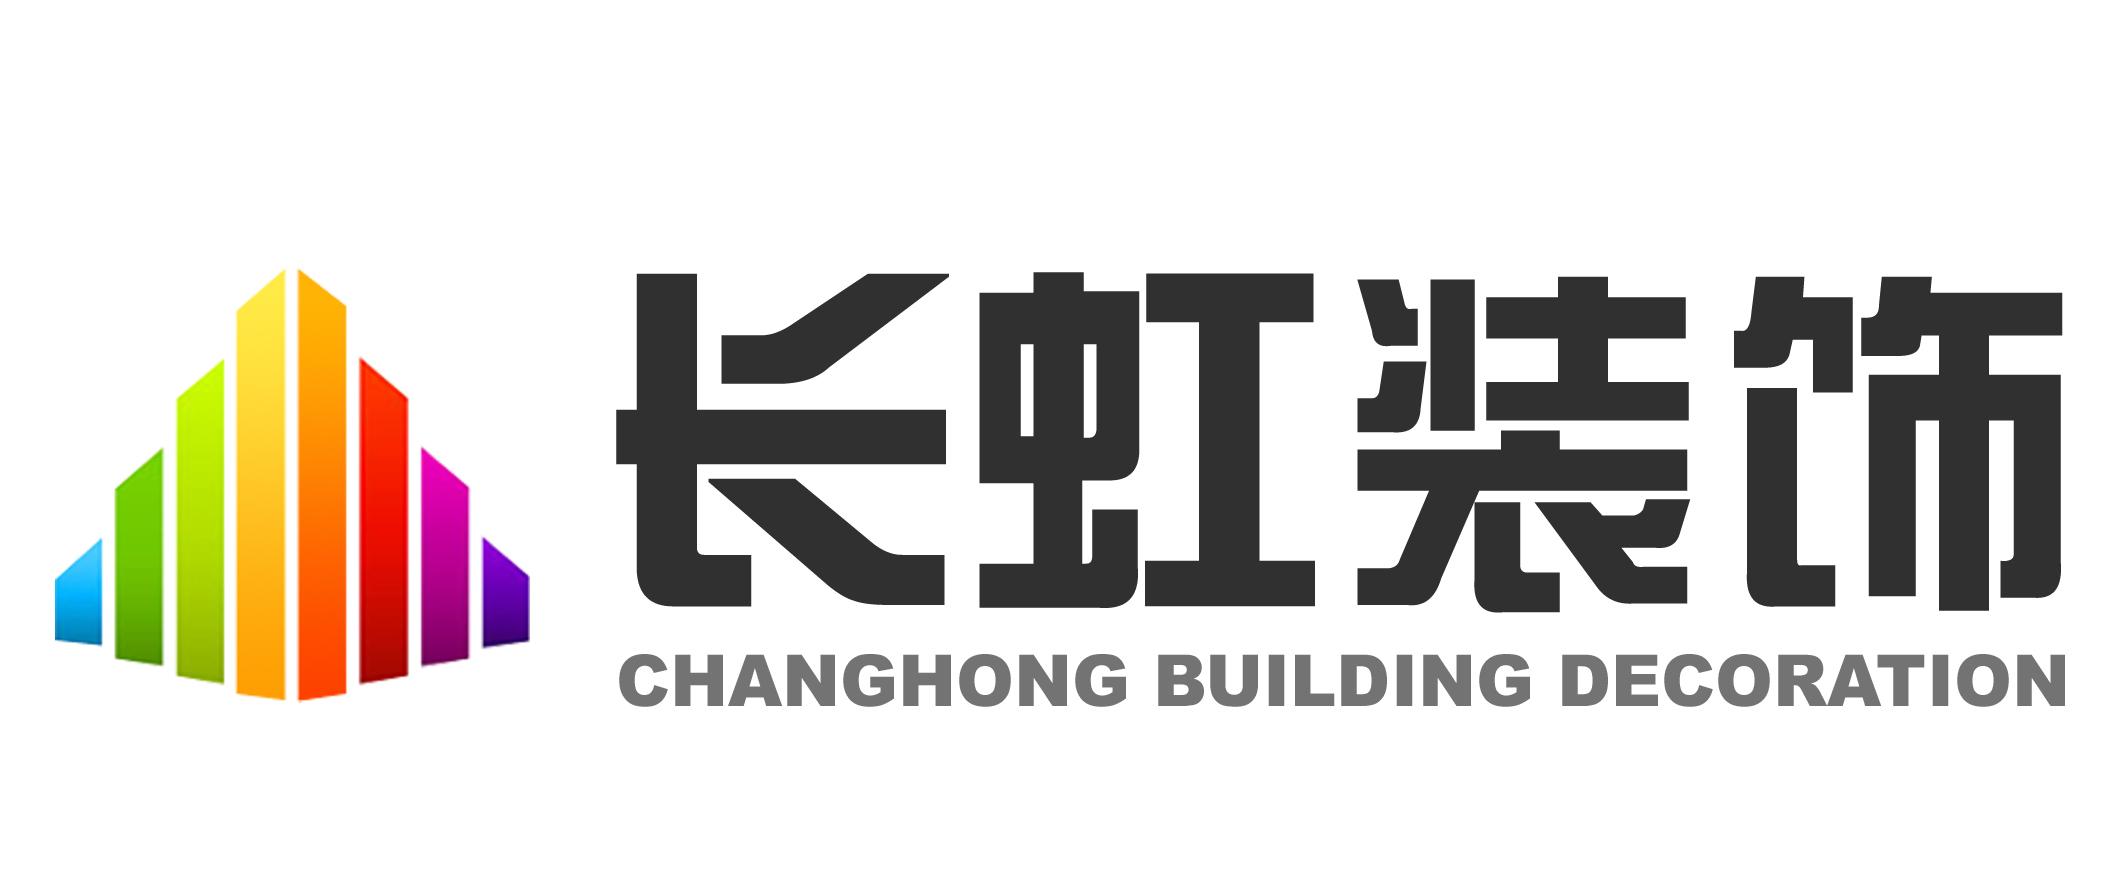 天津长虹建筑装饰工程有限公司